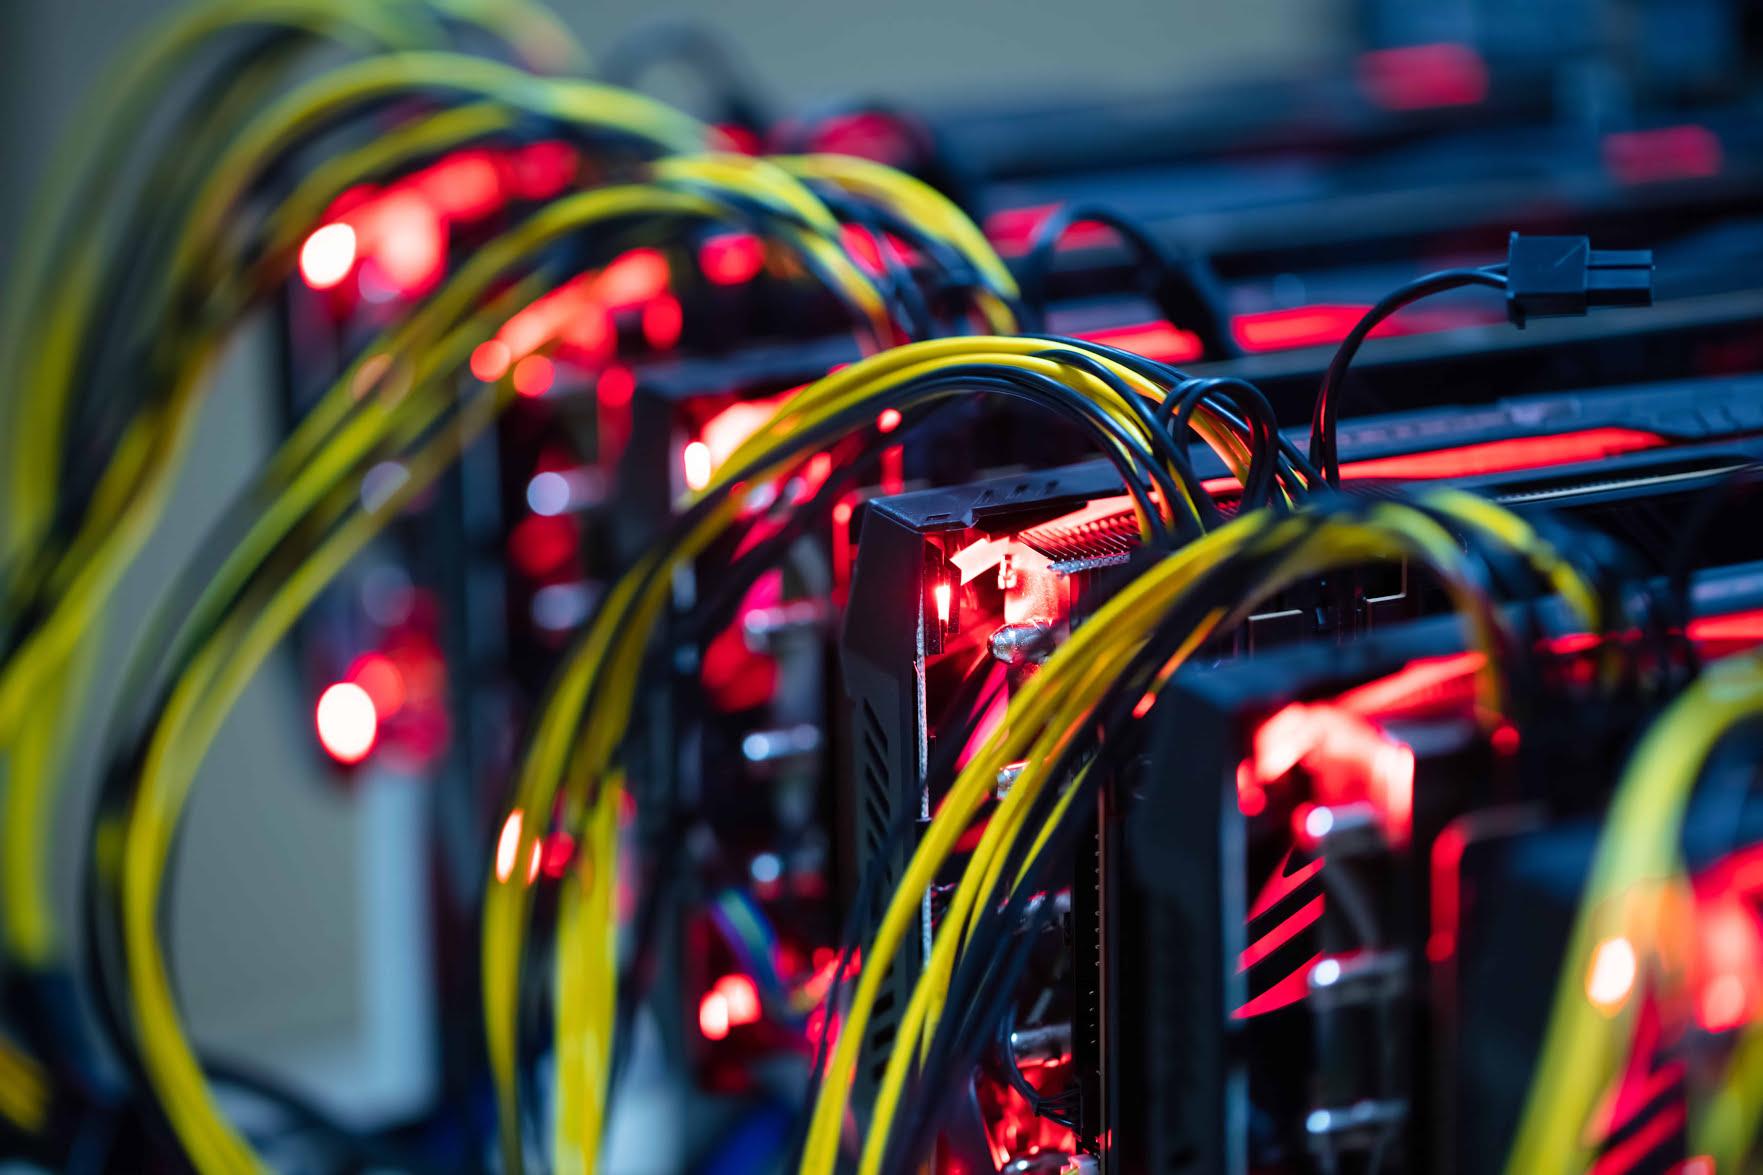 În fosta fabrică de geamuri din Buzău se minează Bitcoin. În SUA, se cumpără vechi centrale electrice în același scop